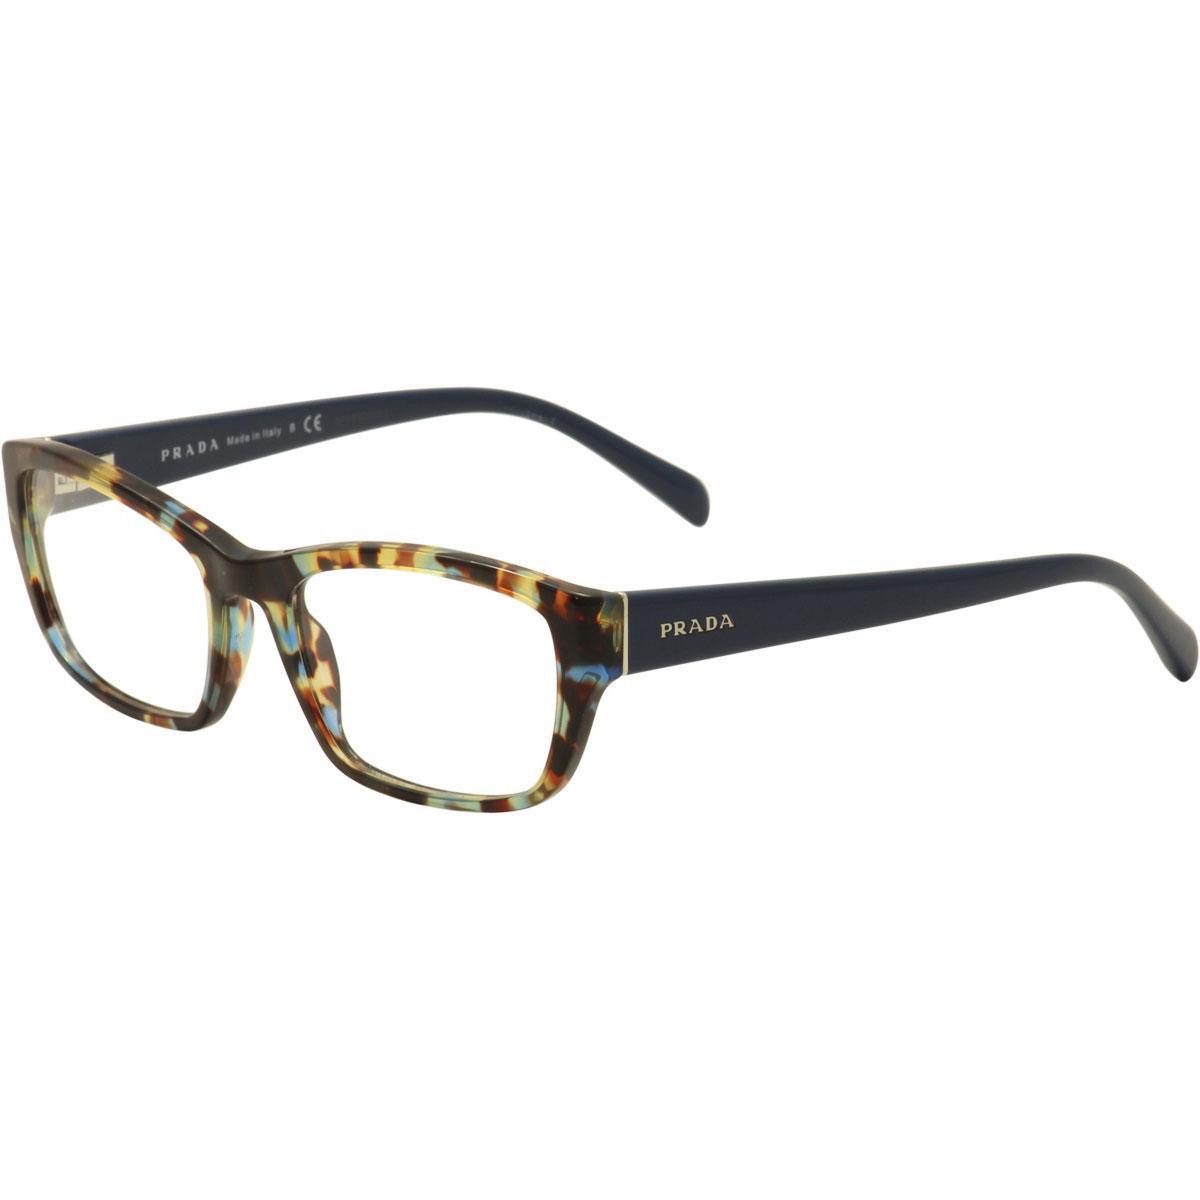 Prada Women's Eyeglasses VPR18O VPR/18O Full Rim Optical Frame